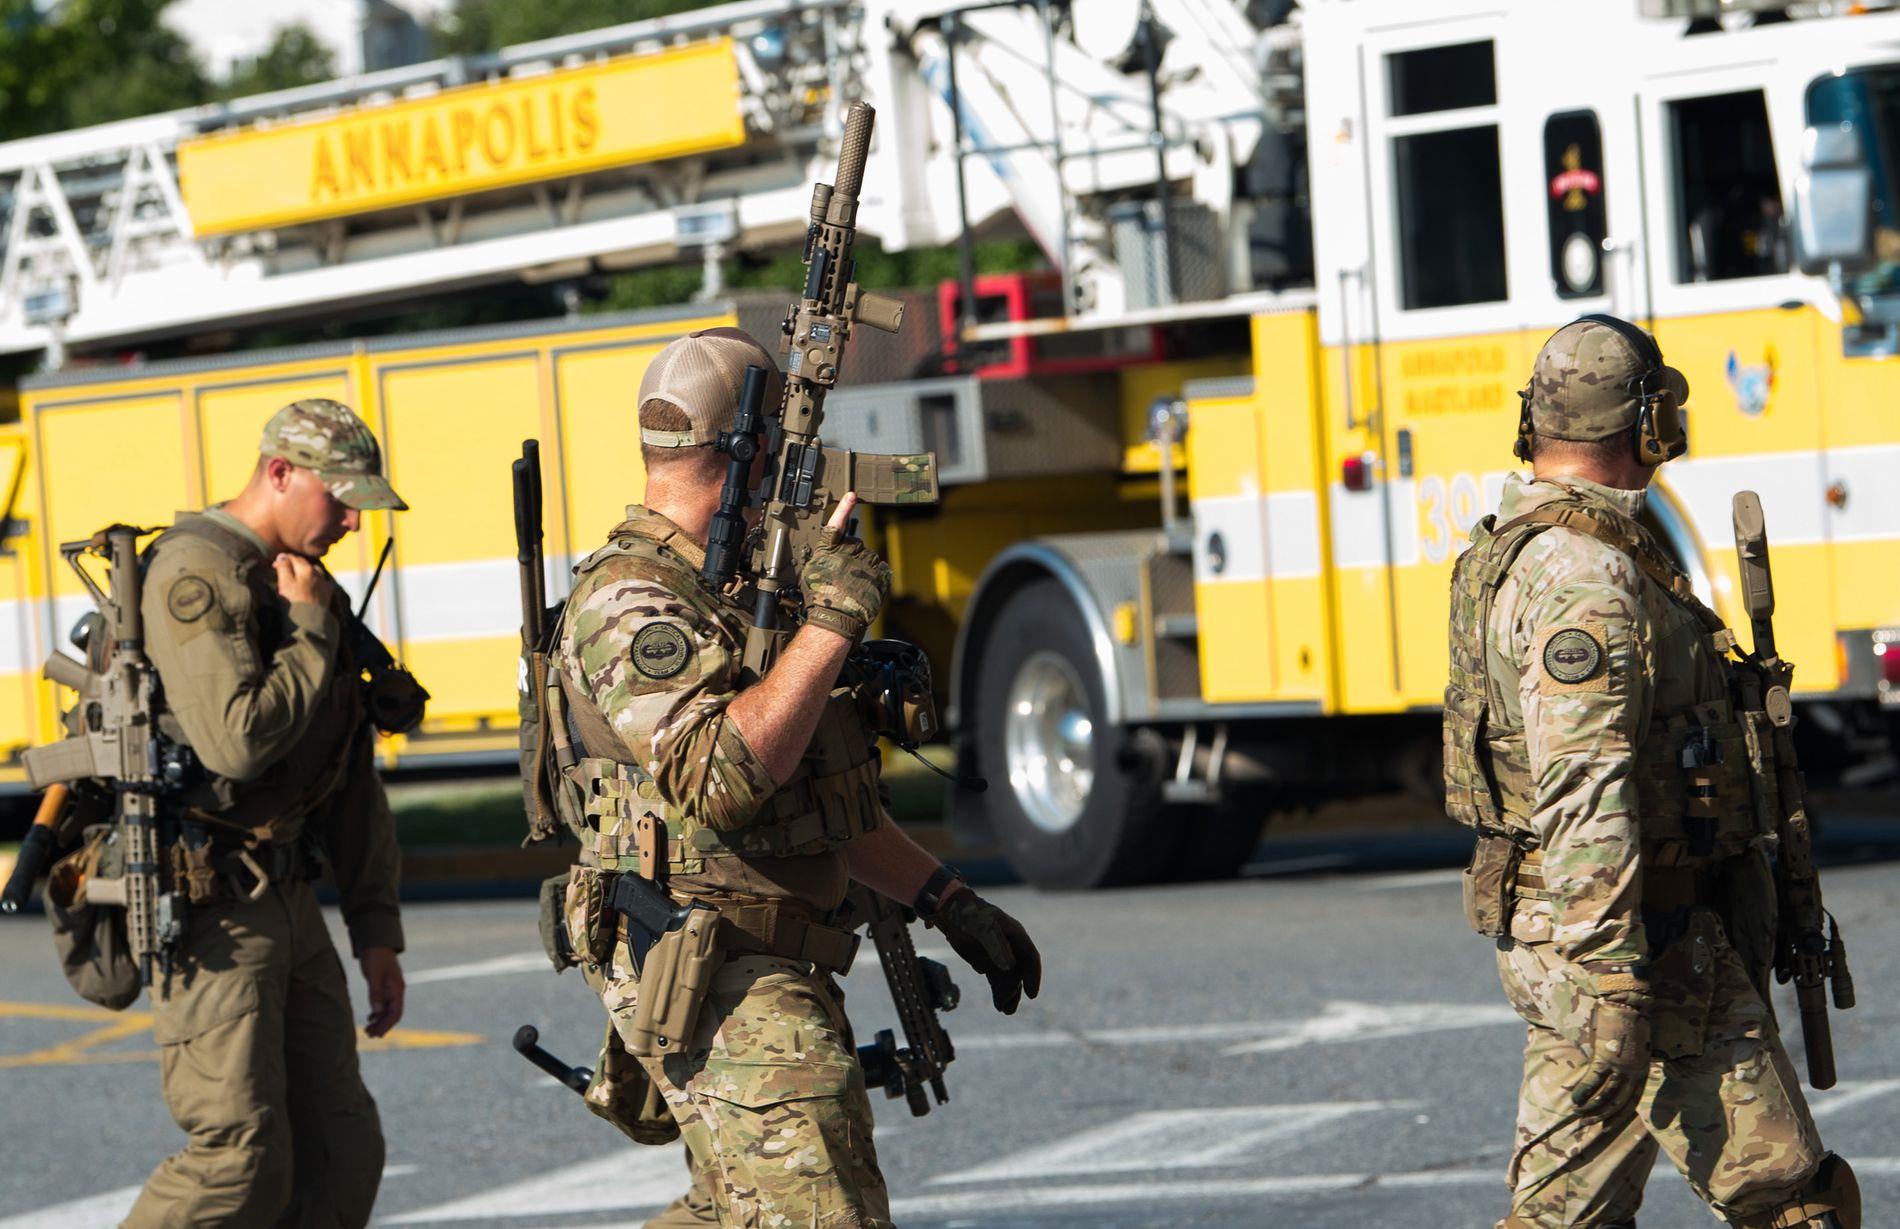 HADDE FÅTT TRUSLER: På en pressekonferanse ble det opplyst at den rammede avisen hadde mottatt trusler i forkant av angrepet.